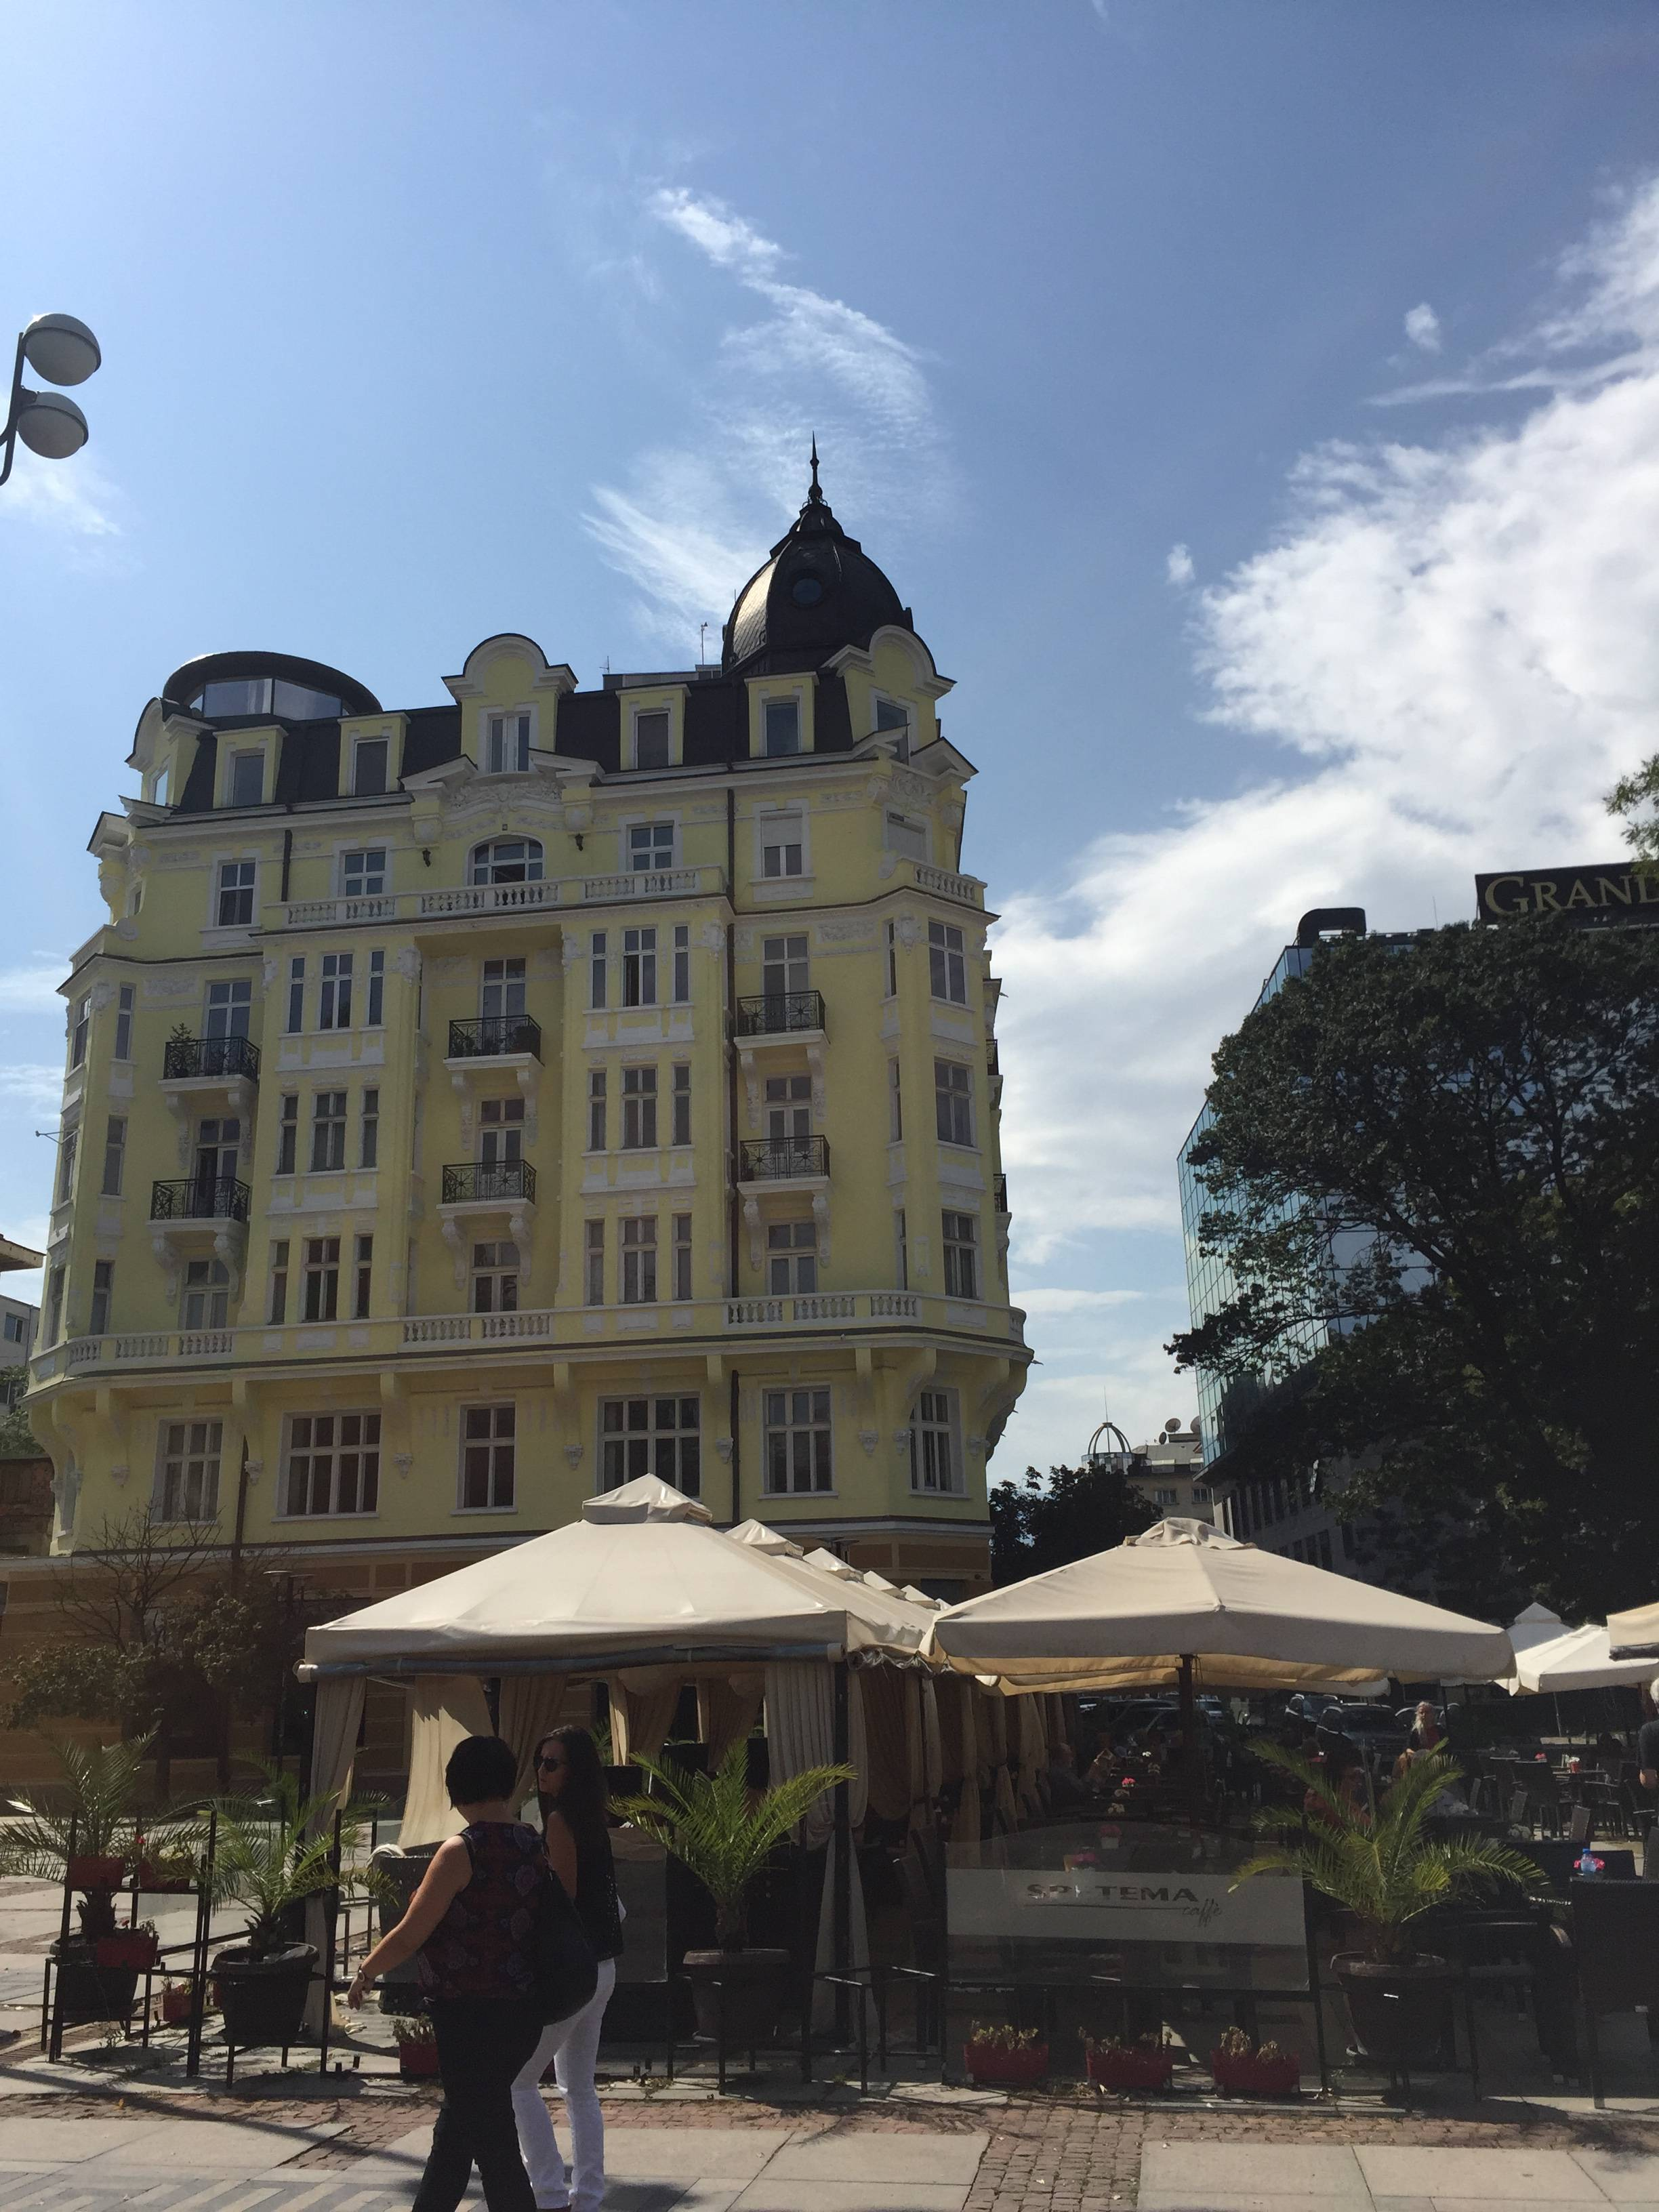 Photo 1: Sofia, capitale de la Bulgarie boudée des voyageurs